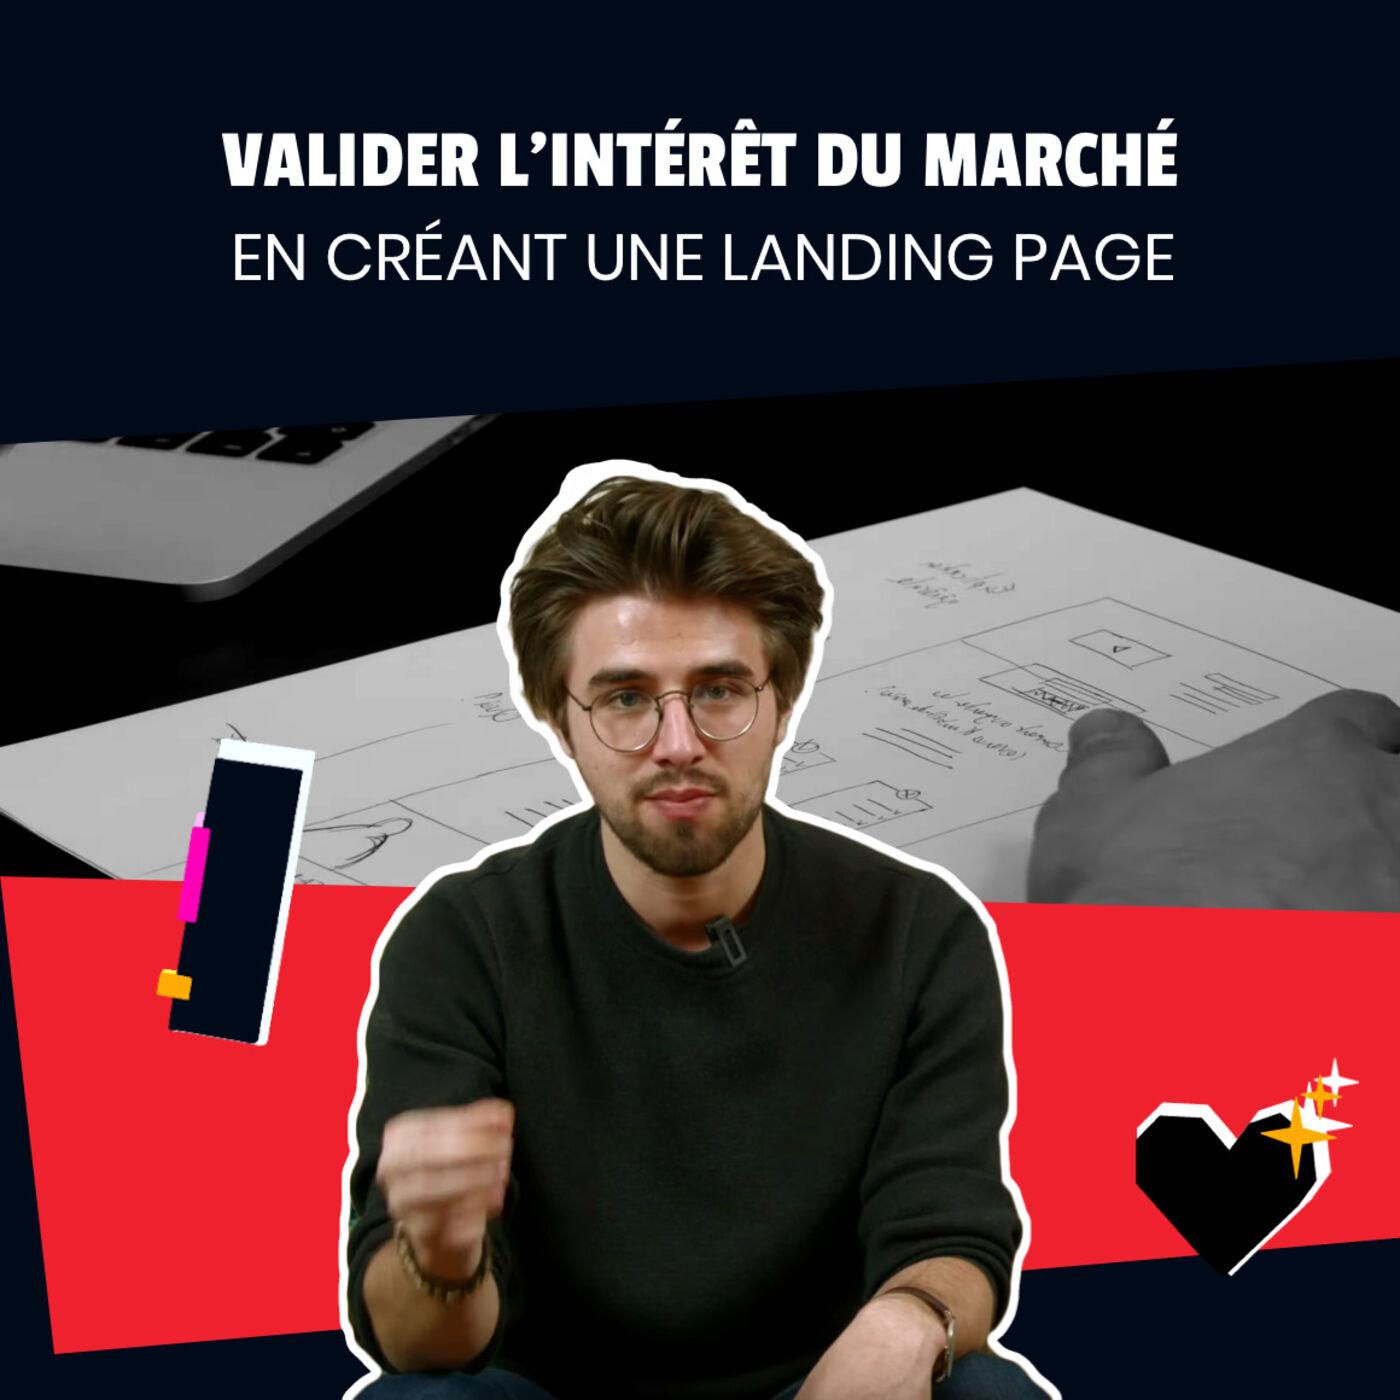 Ep 1 - Valider l'intérêt du marché en créant une landing page I Saison 2 Koudetat Entreprendre